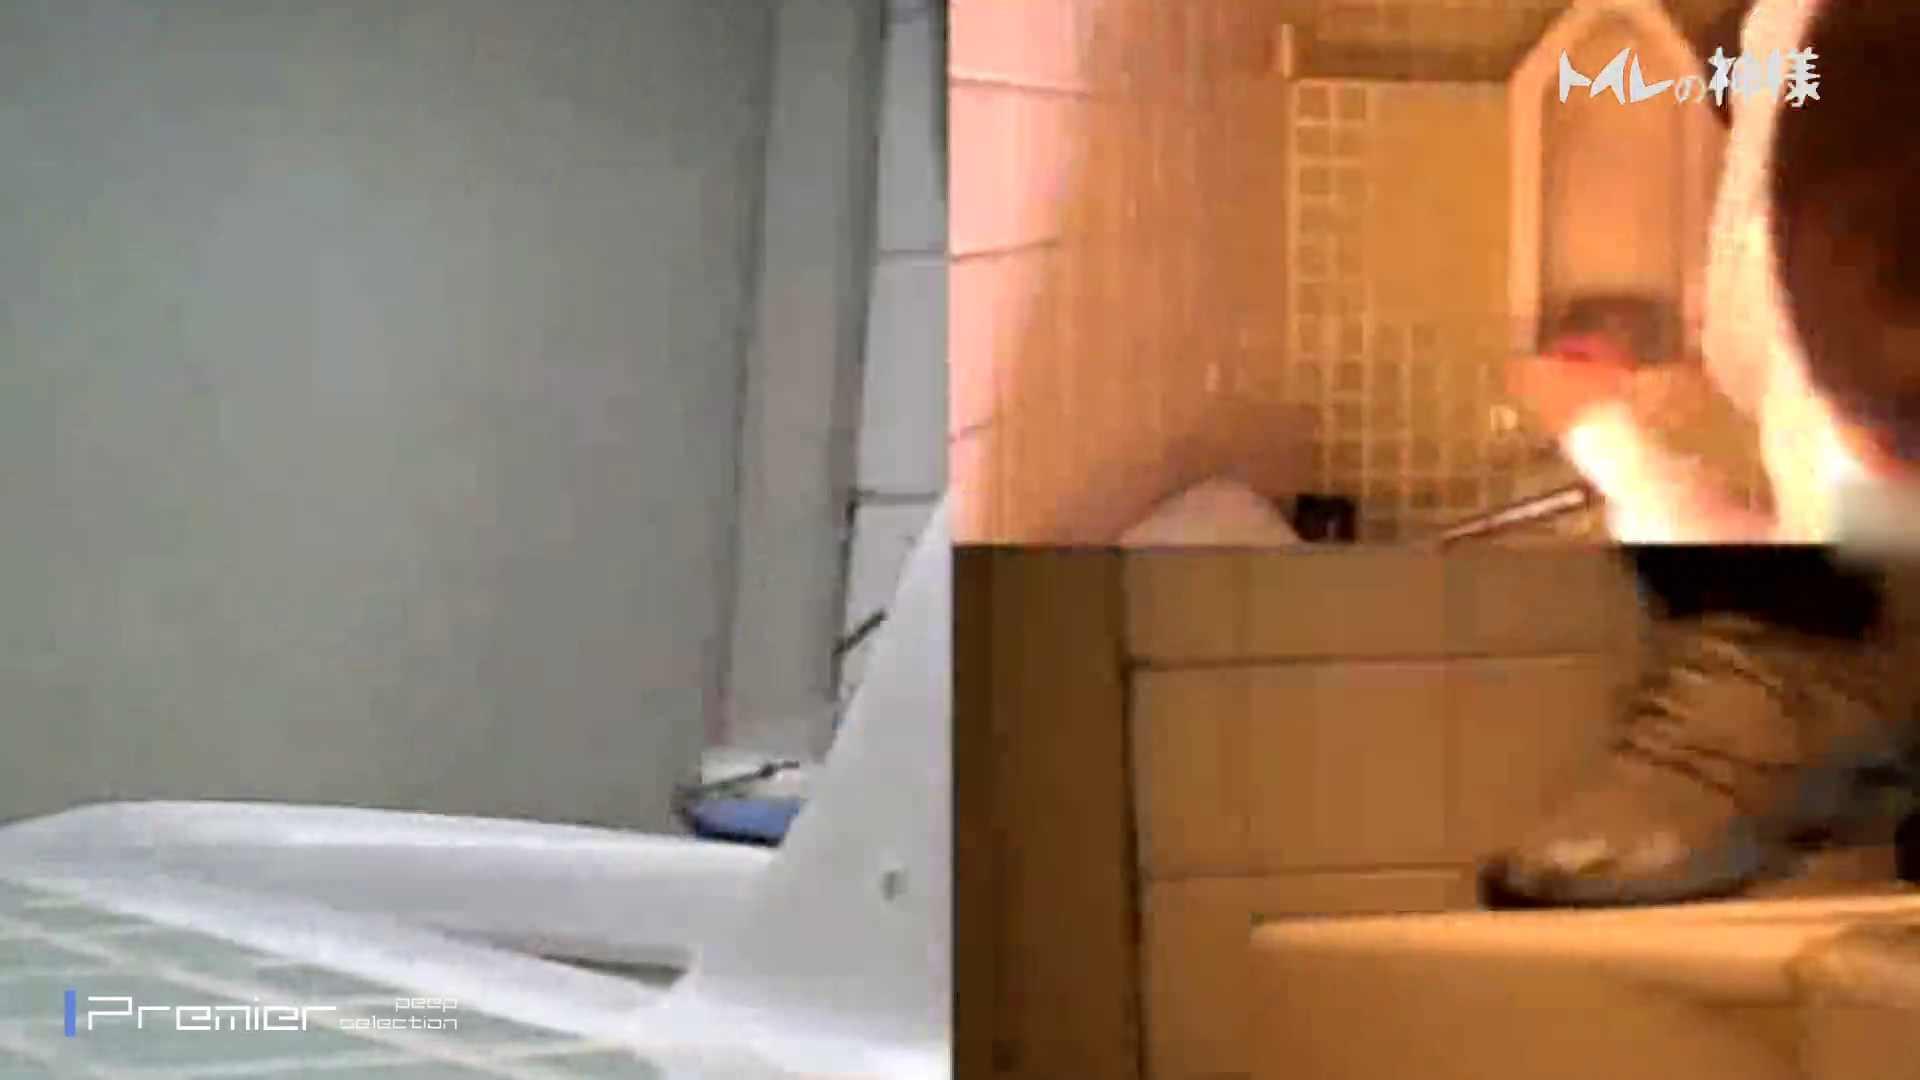 kyouko排泄 うんこをたくさん集めました。トイレの神様 Vol.14 OL   リアルすぎる排泄  83連発 68